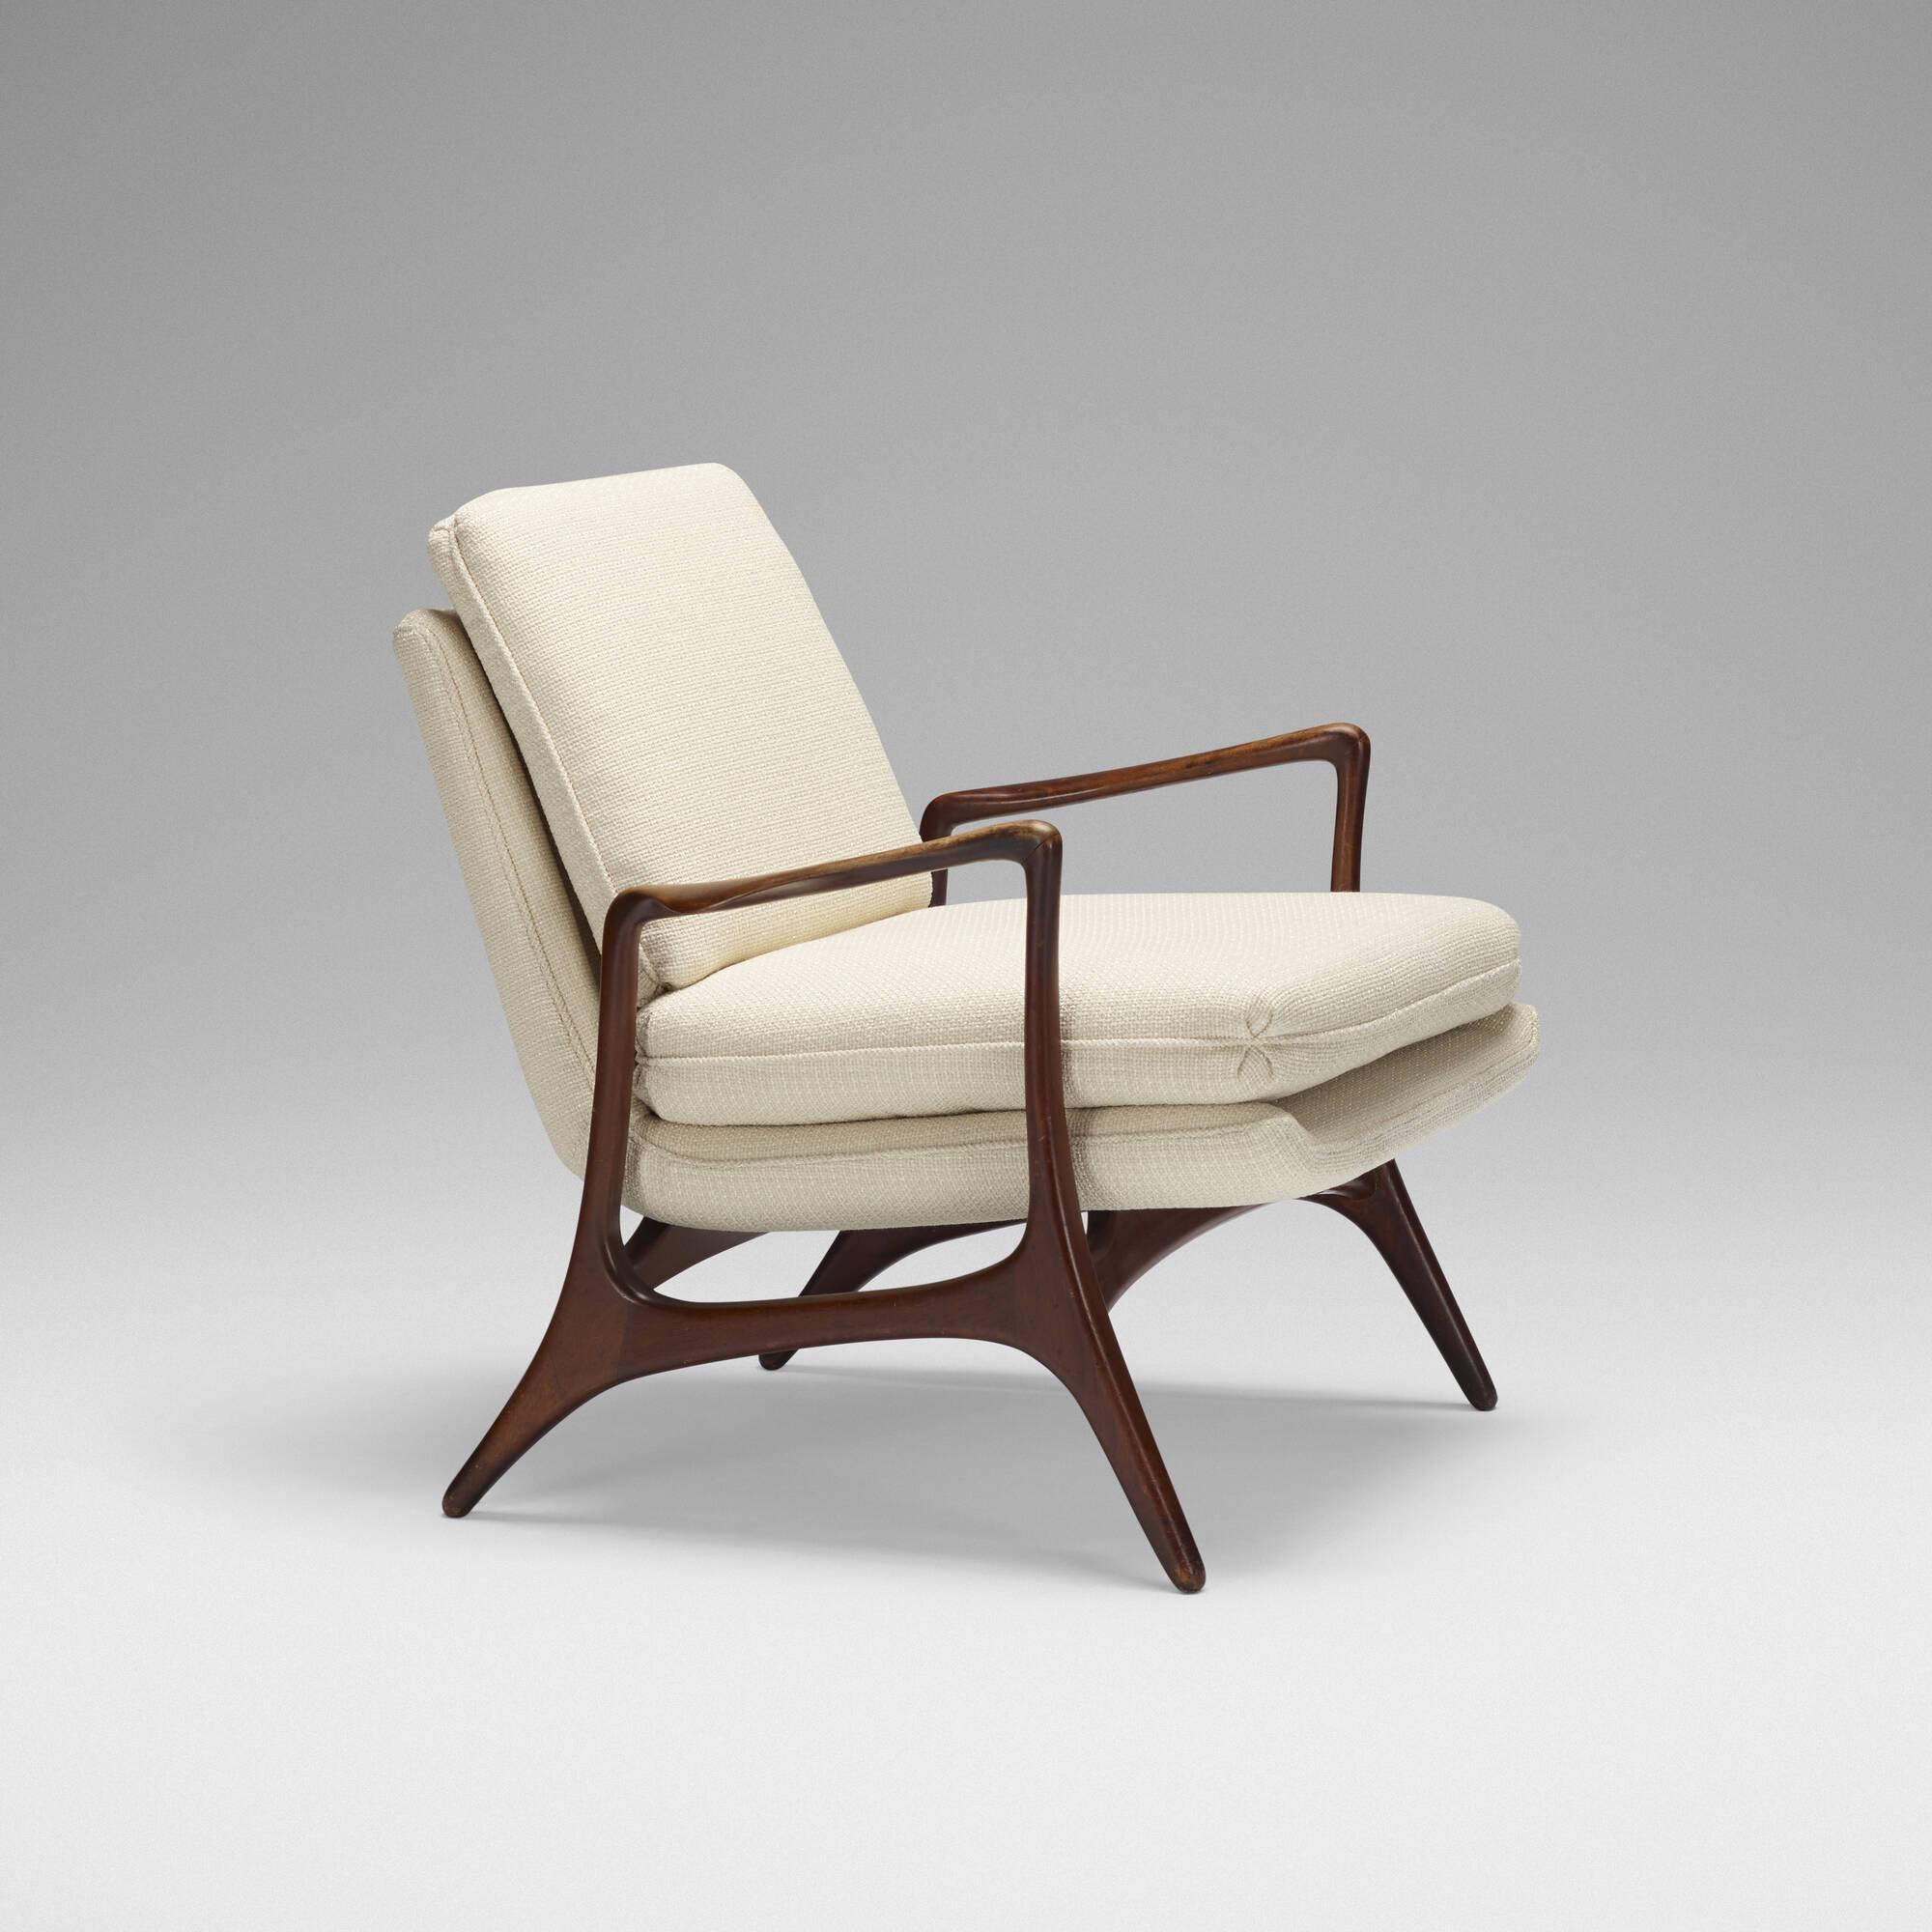 231 Vladimir Kagan Lounge Chair 1 Of 3